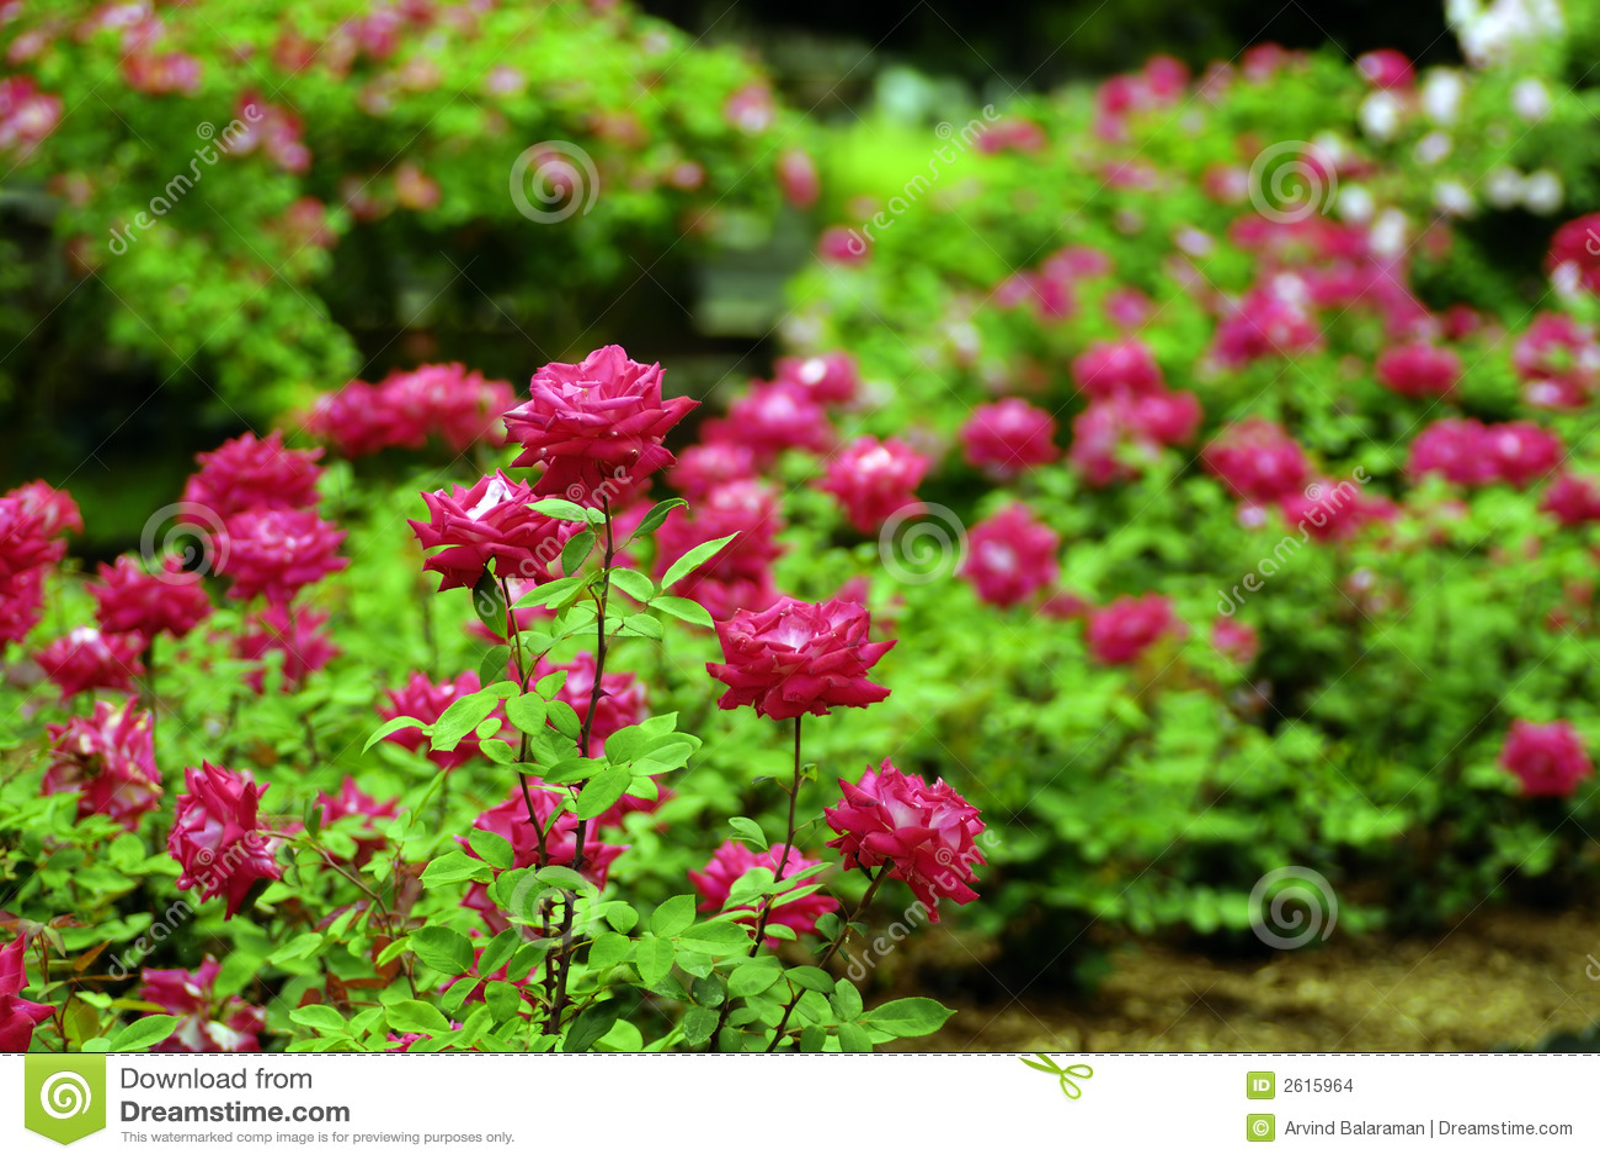 Jardim de rosas imagens de stock imagem 2615964 - Jardines con rosas ...